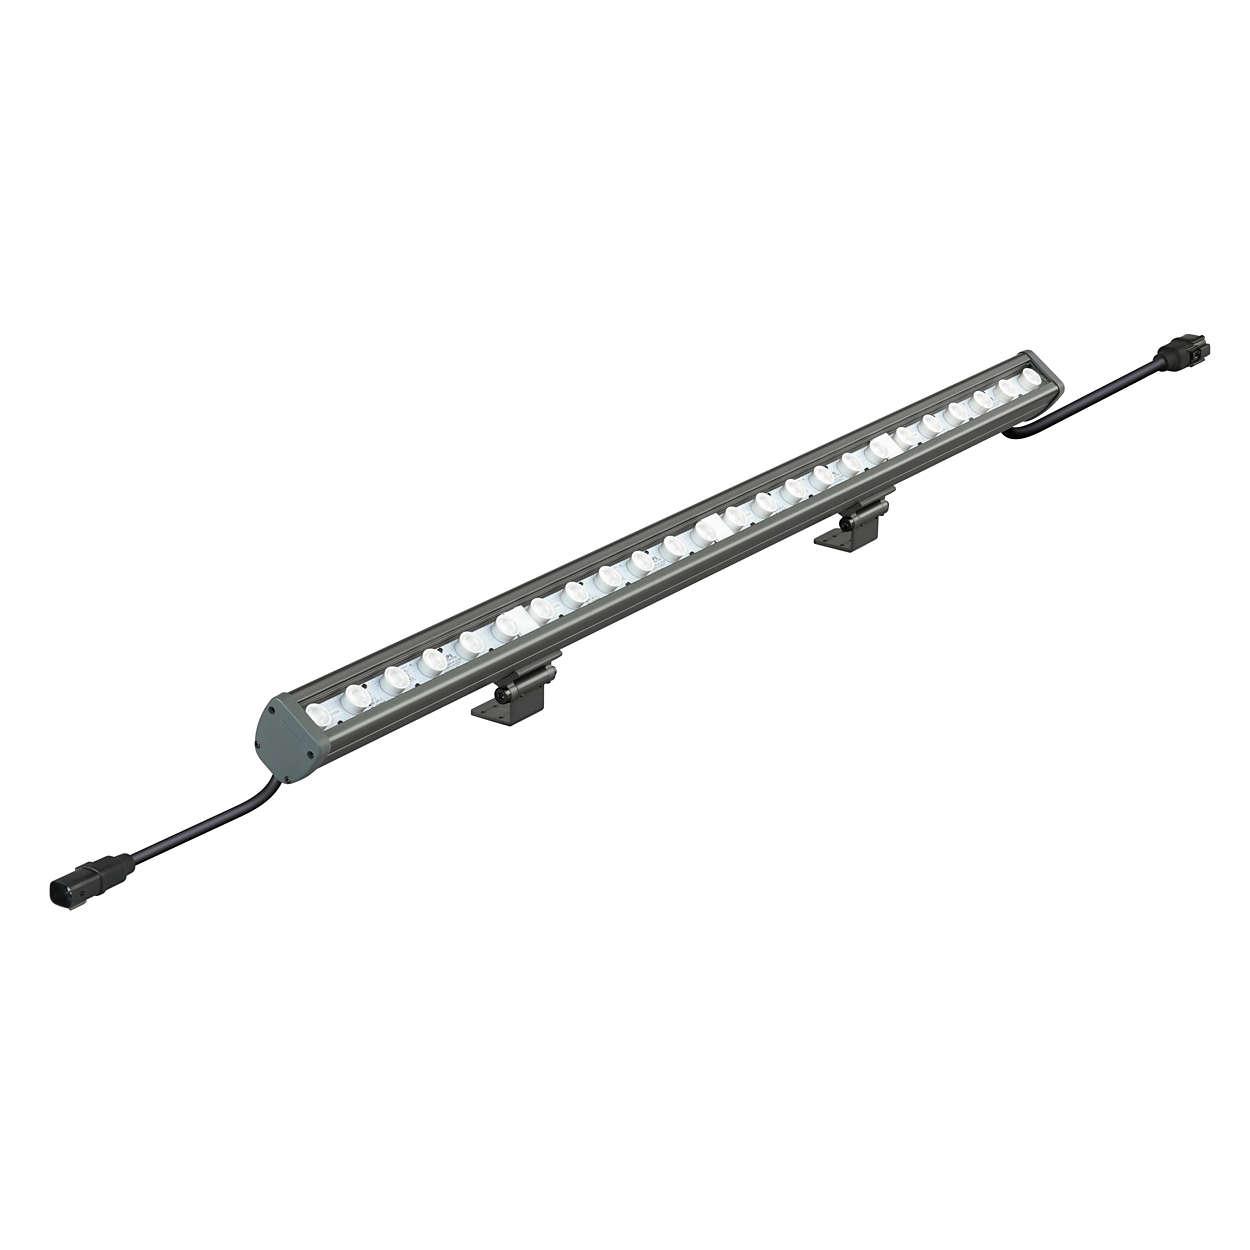 Vaya Linear MP – pålitelig, kostnadseffektiv lineær armatur for LED-belysning